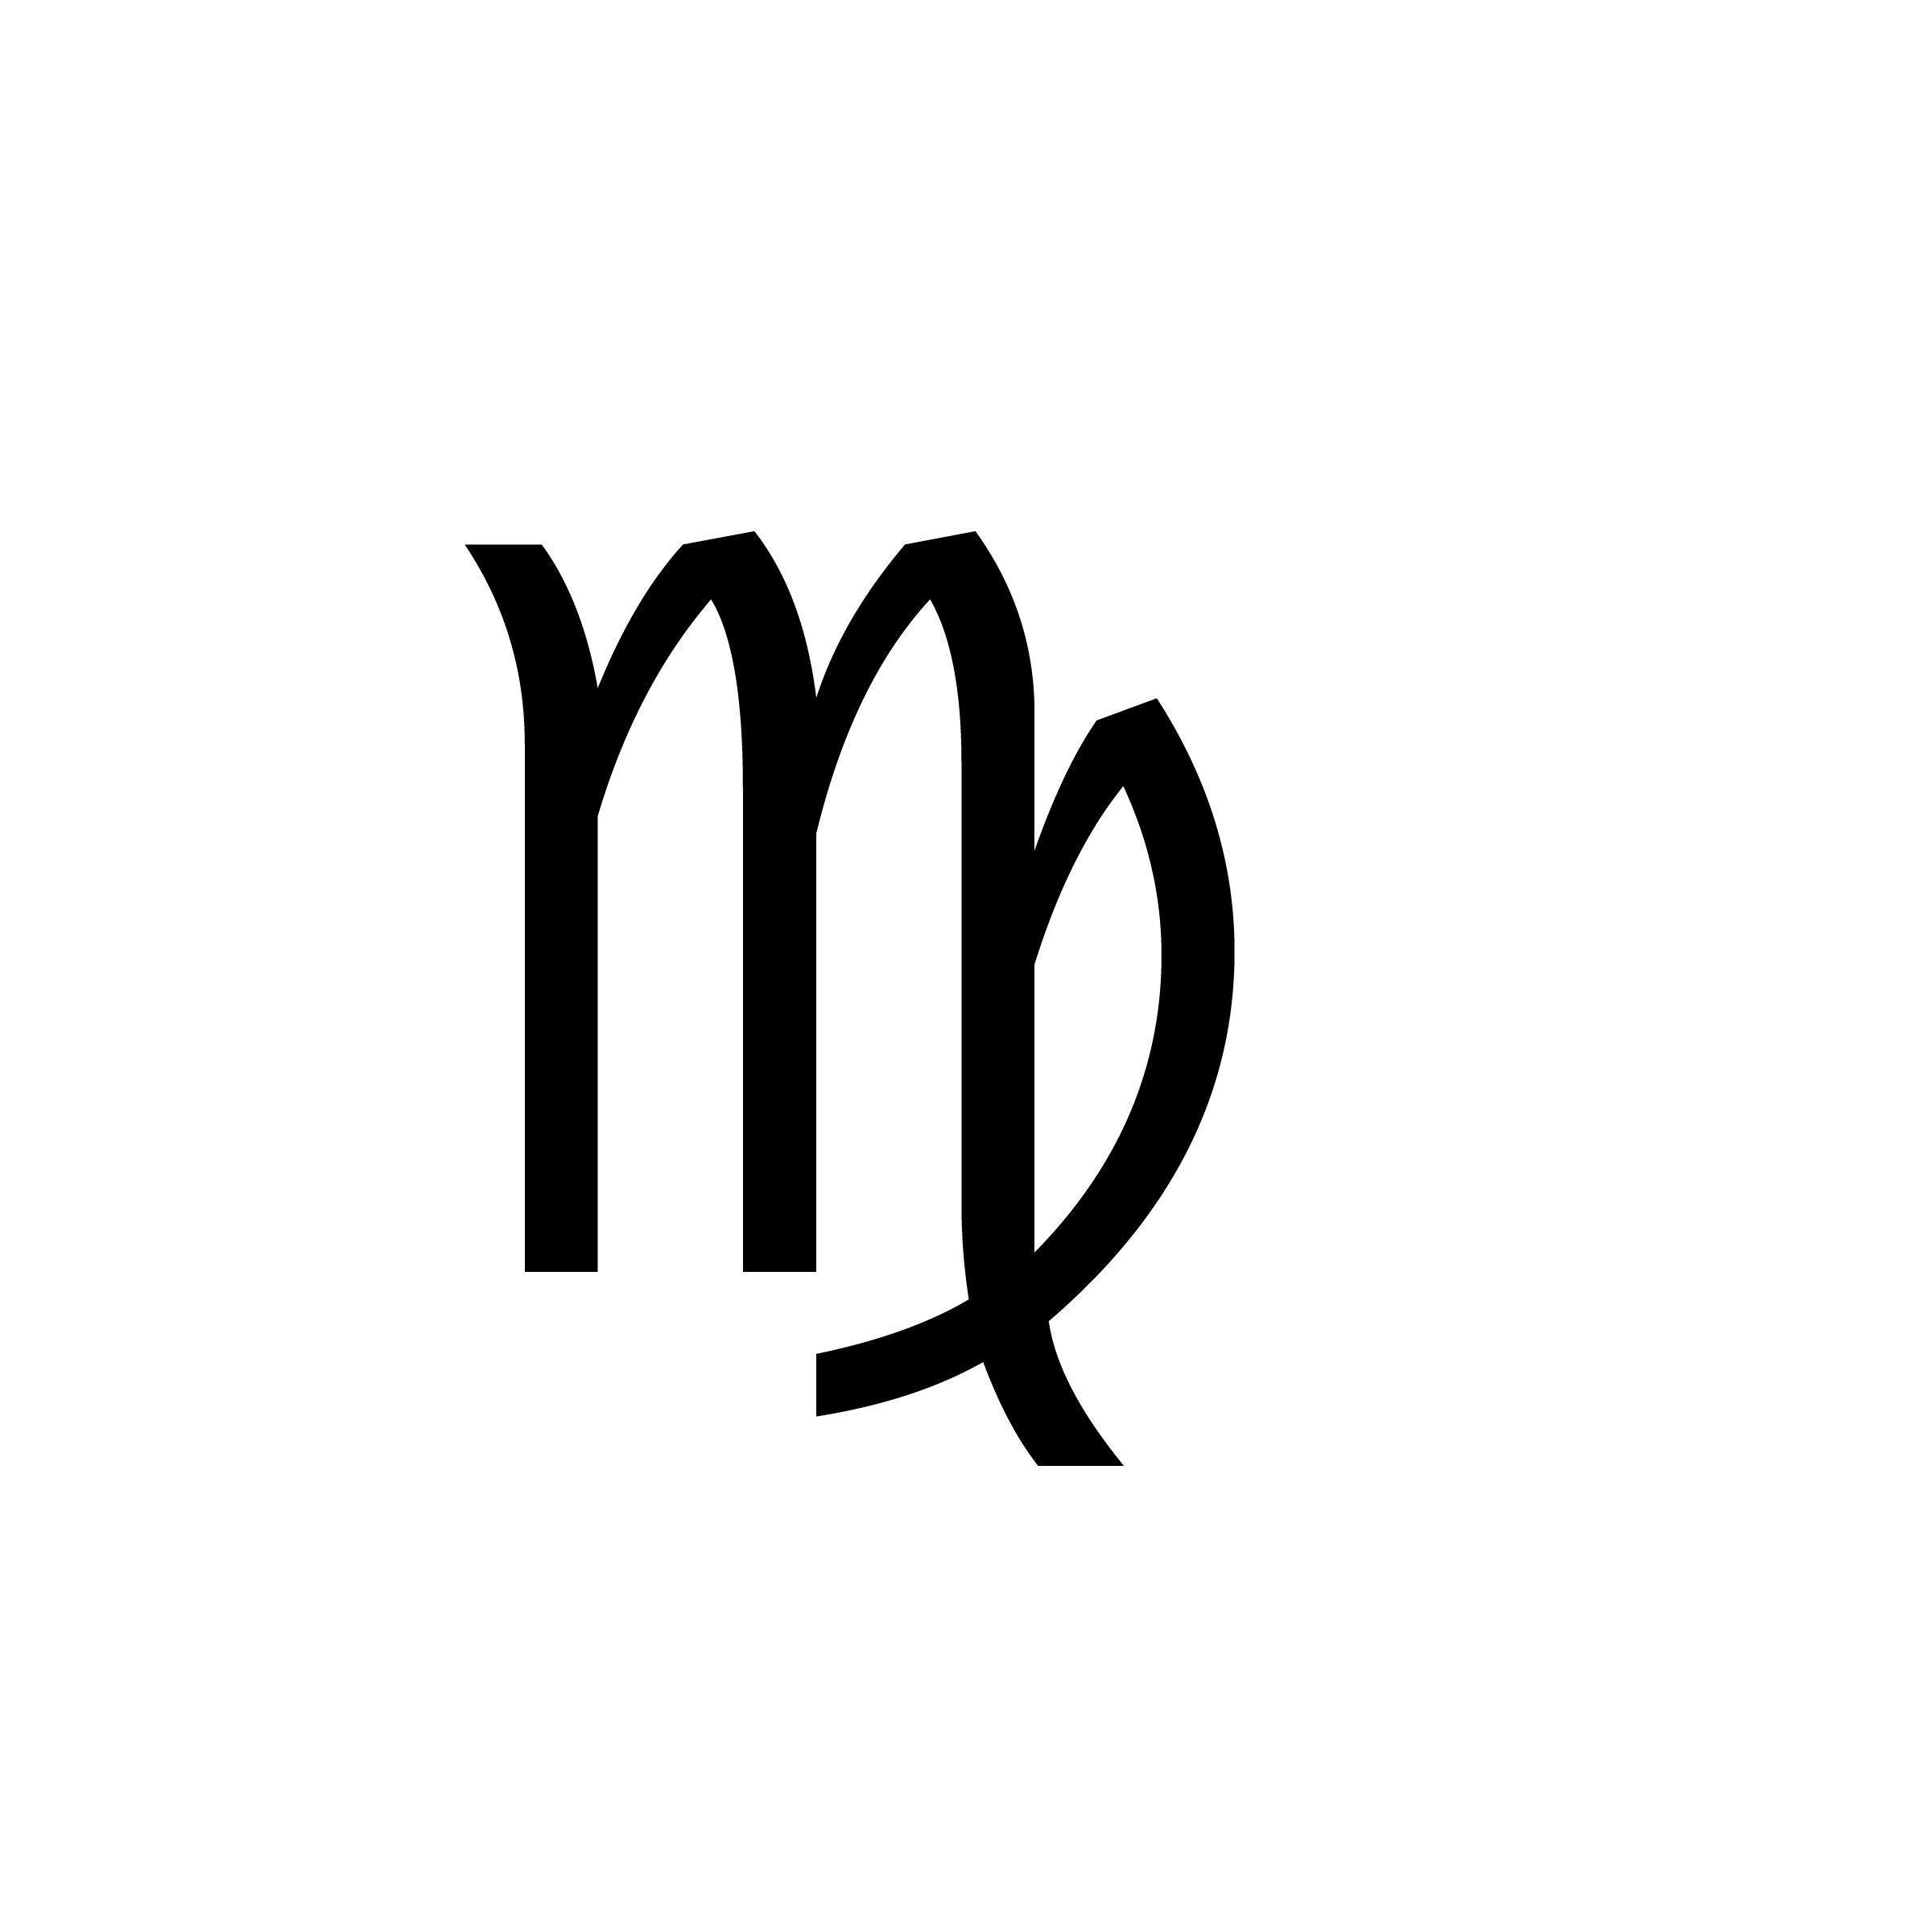 Virgo symbol tattoos i like pinterest virgo symbol tattoo and virgo symbol buycottarizona Gallery